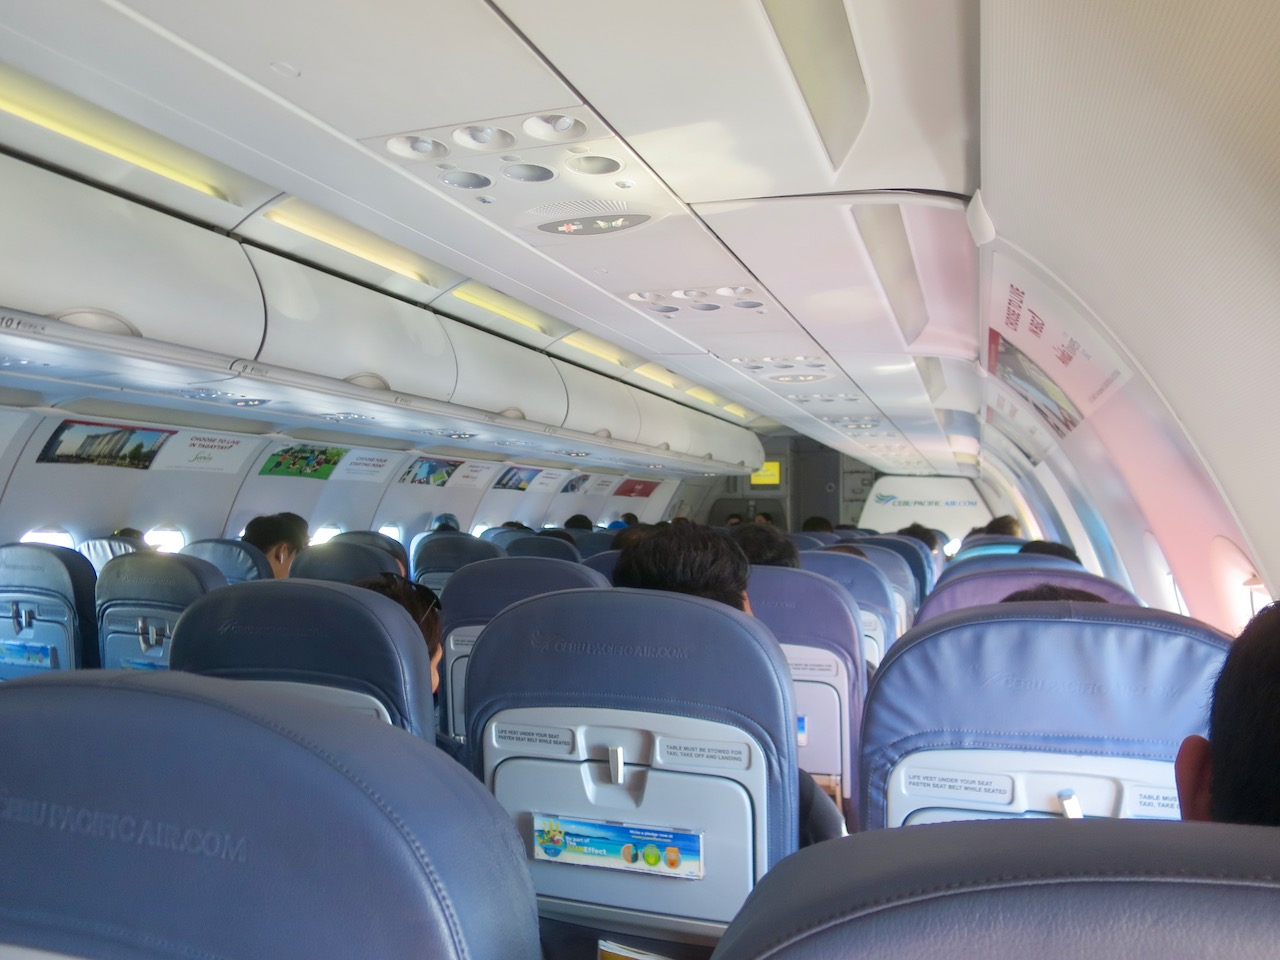 Aviao Cebu pacific por dentro